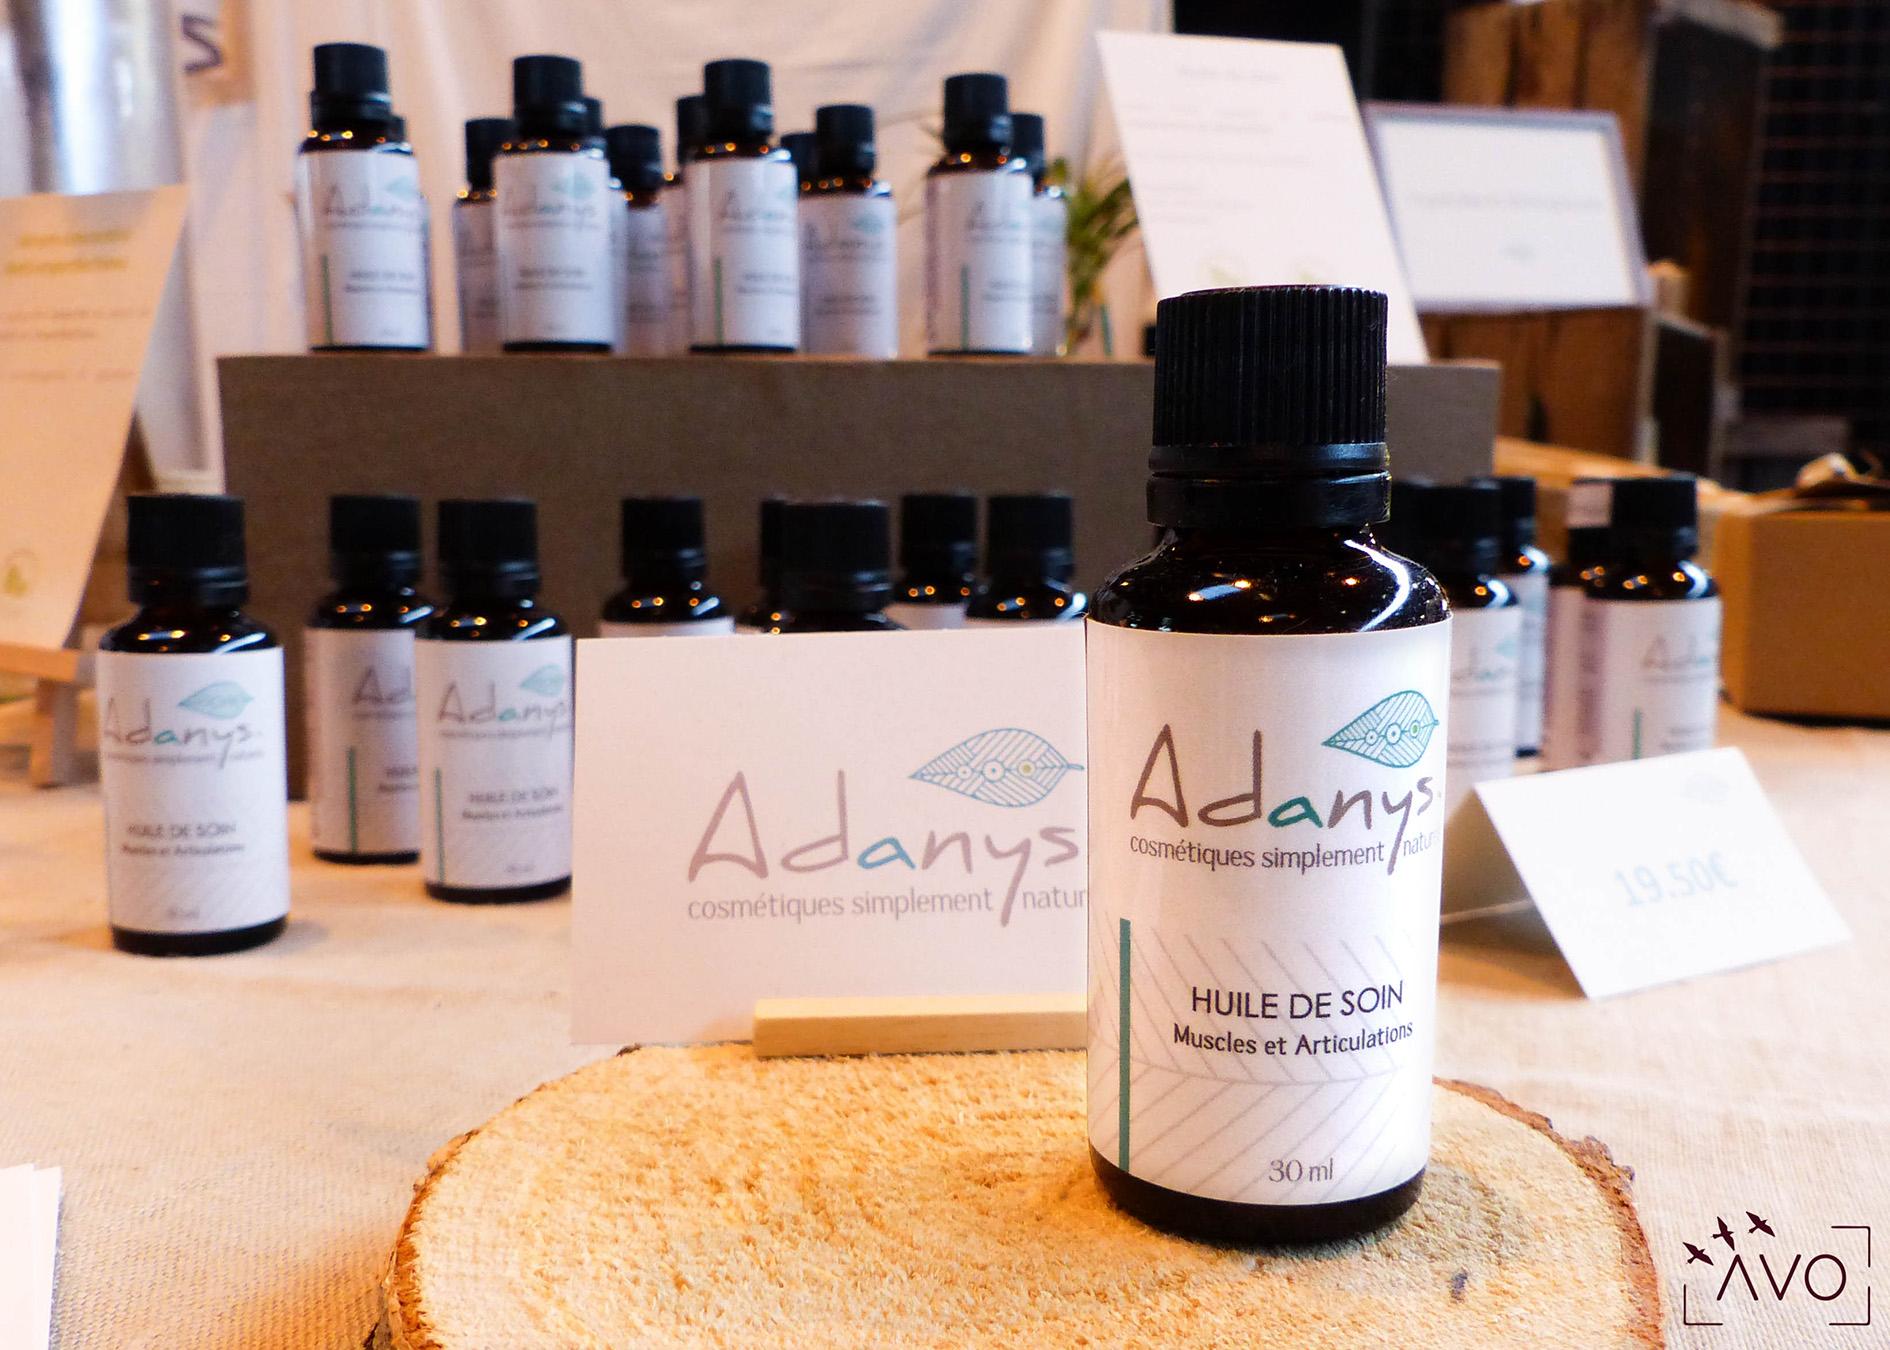 adanys cosmétiques liniment bain lingette huiles essentielles soin ingrédients biologiques auvergne bio crème huile muscles